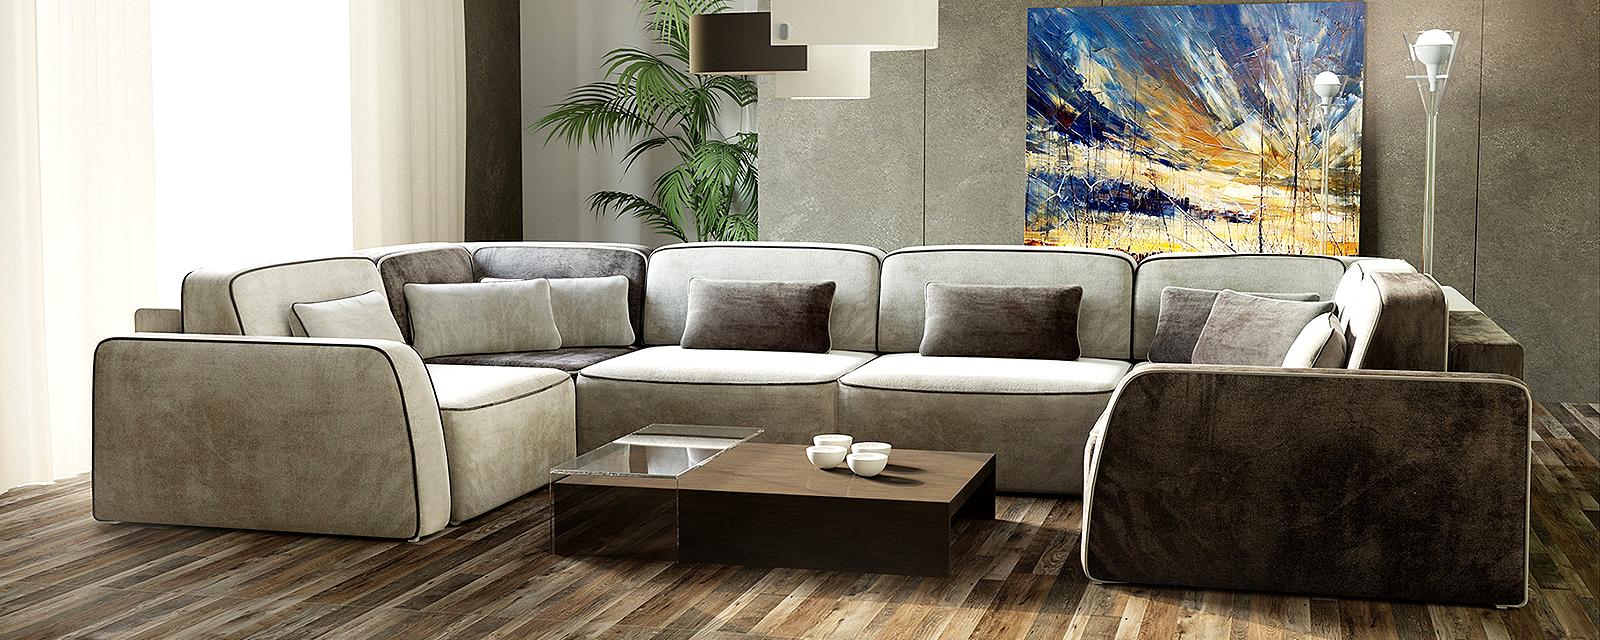 Модульный диван Портленд П-образный Вариант №1 Velure бежевый/темно-коричневый (Велюр) от HomeMe.ru